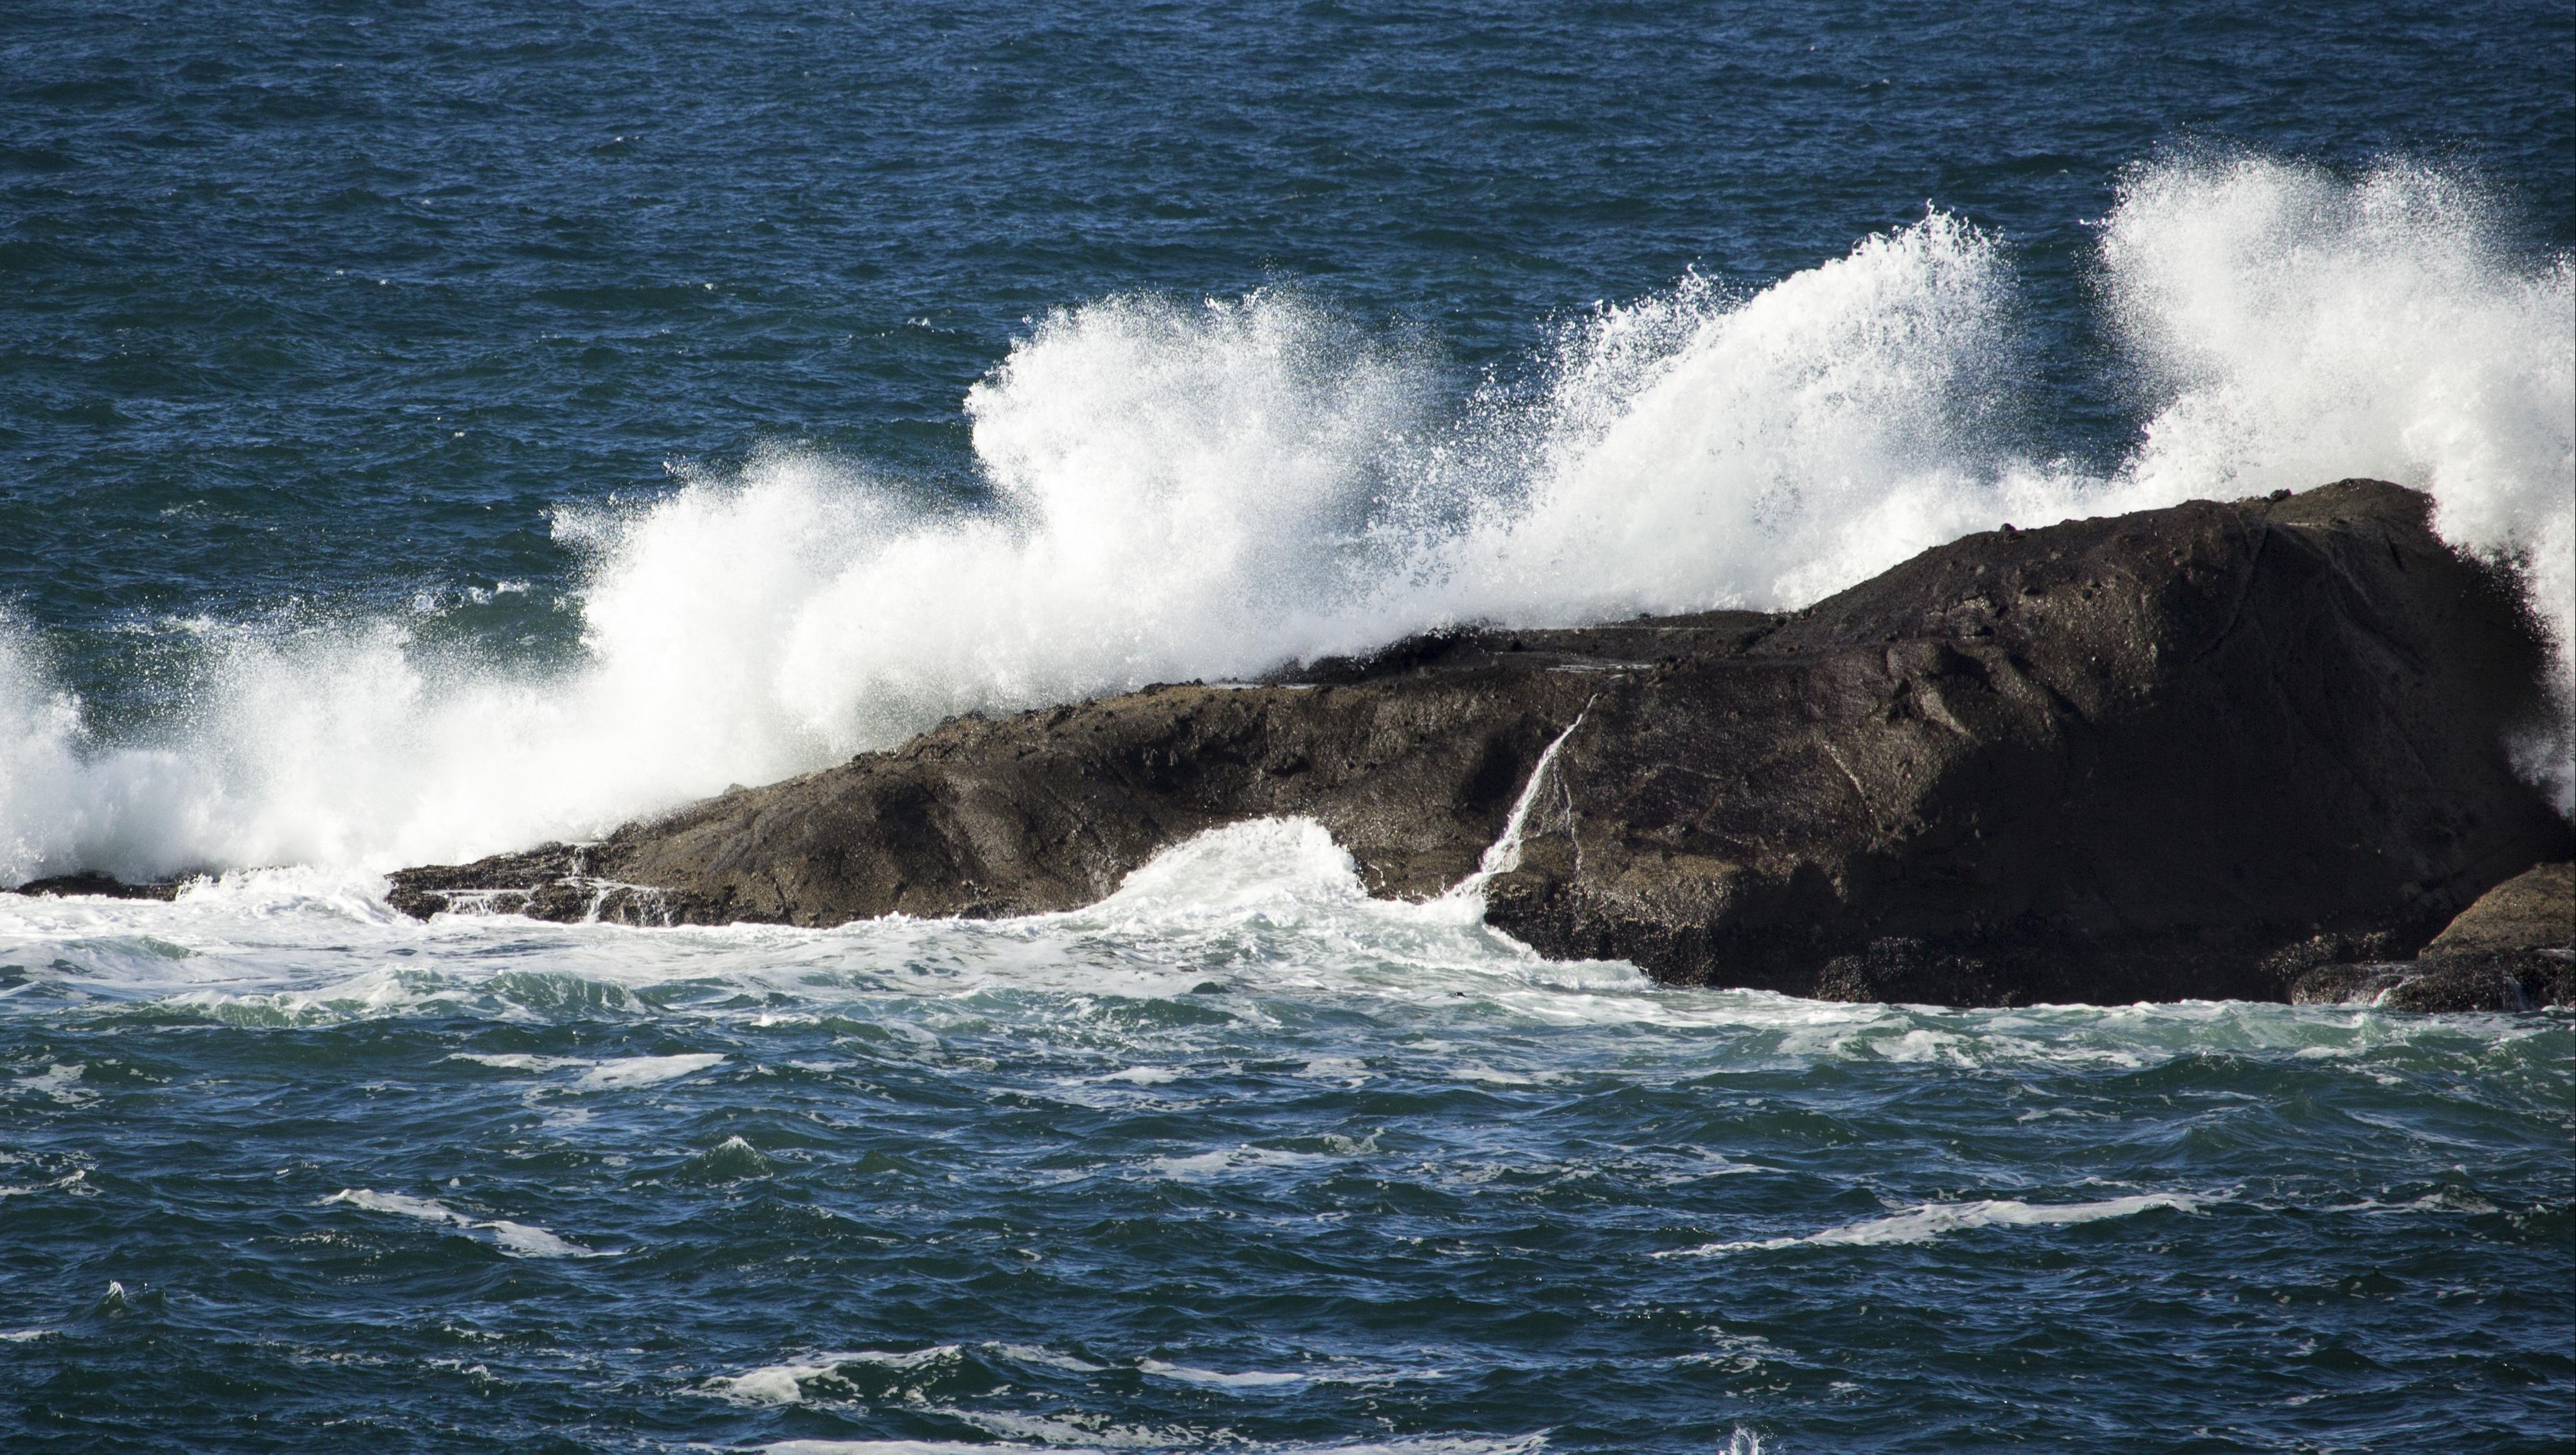 Waves on oregon coast photo